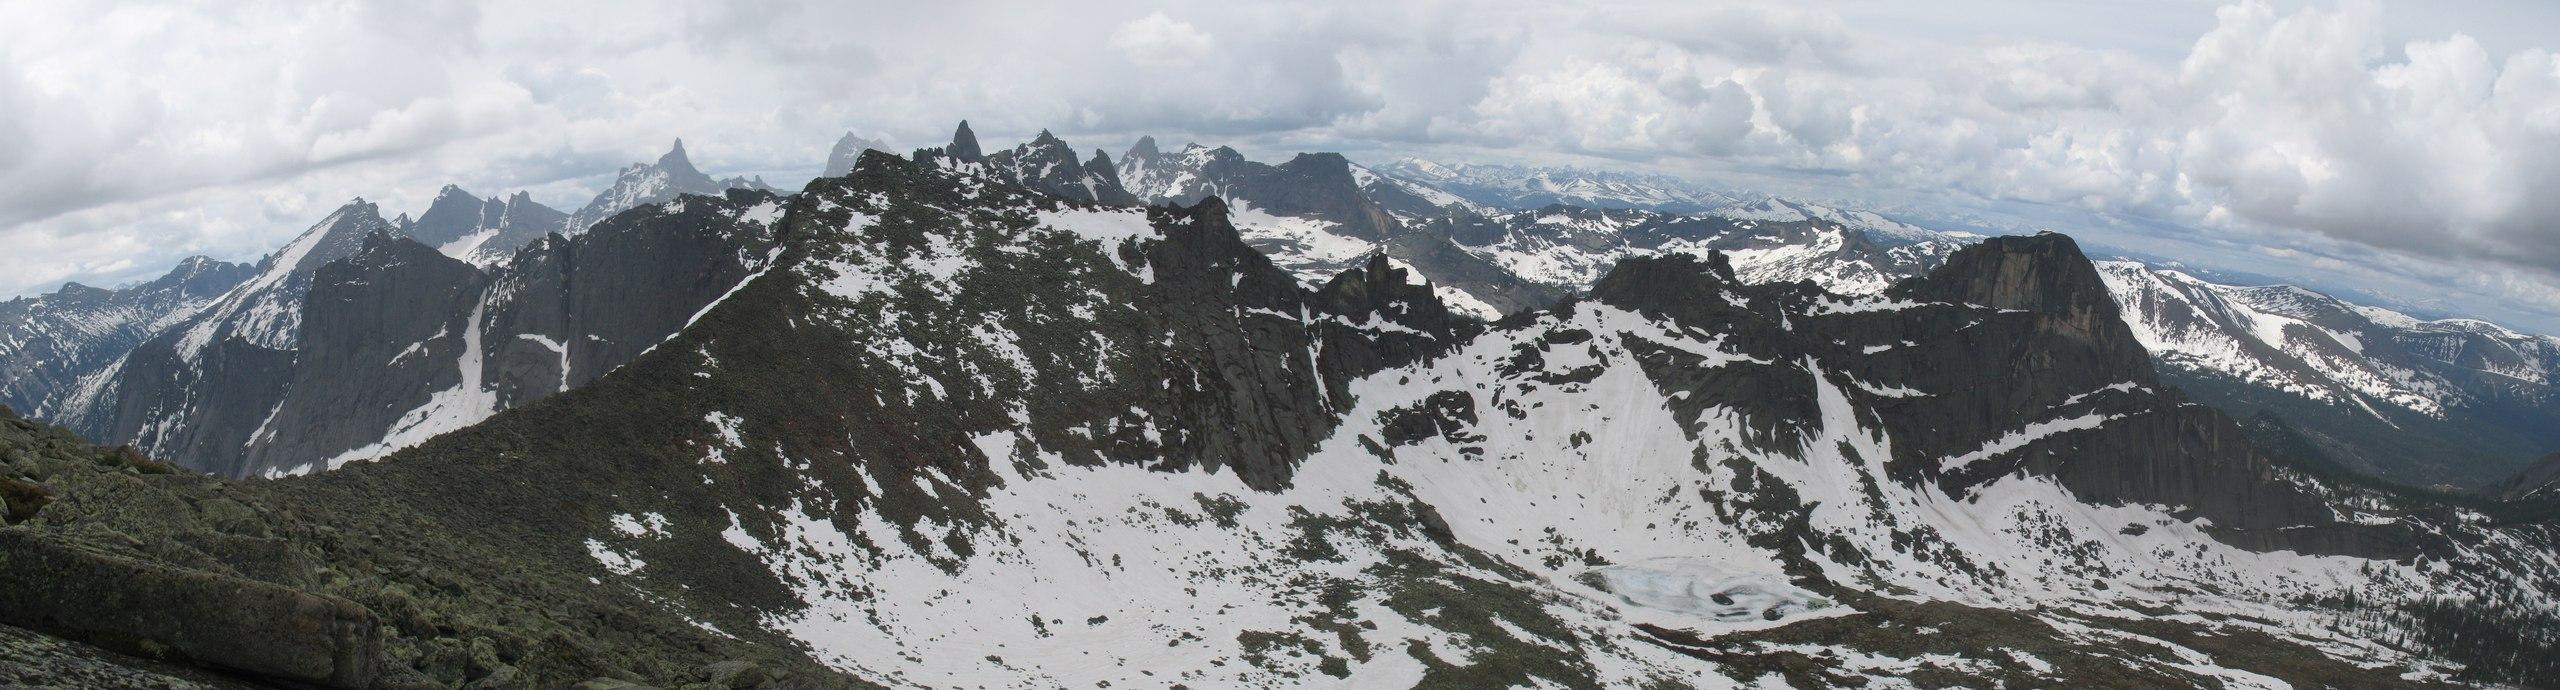 Панорама с траверса Перевальной. На фото перевал НКТ (слева), перевал Сказка (правее).